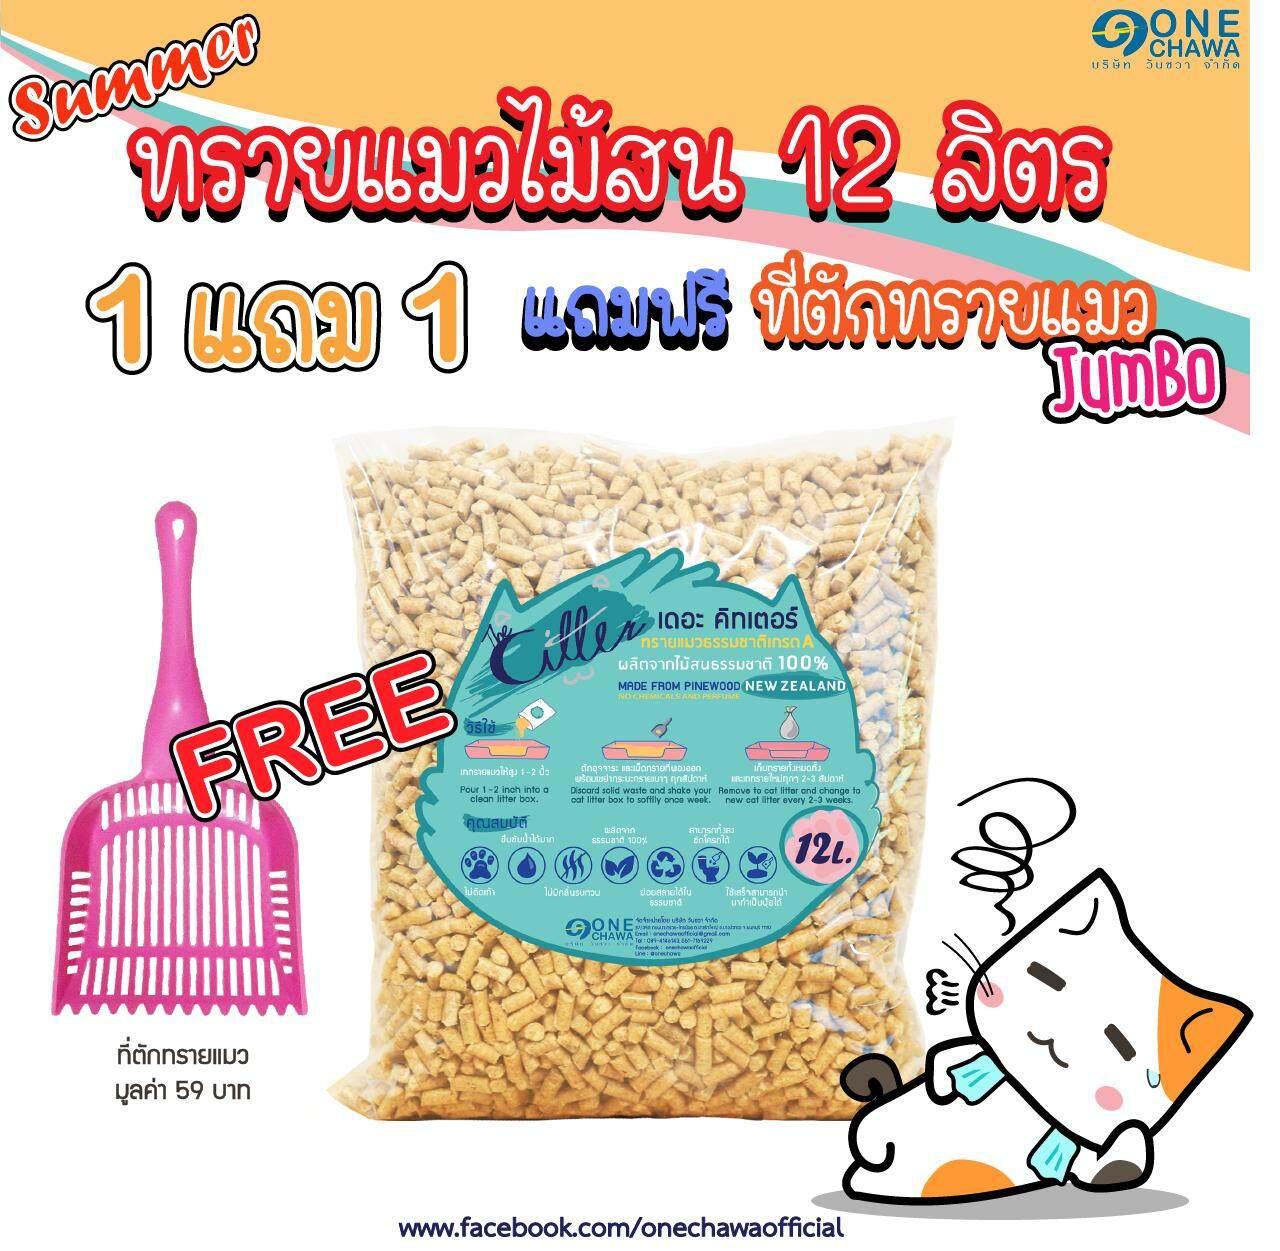 ทรายแมวไม้สนบริสุทธิ์ The Citter ขนาด 12 ลิตร (6กิโล) แถมฟรี ที่ัตักทรายแมว ไม่มีสารเคมี และน้ำหอม By One Chawa Pet Store.